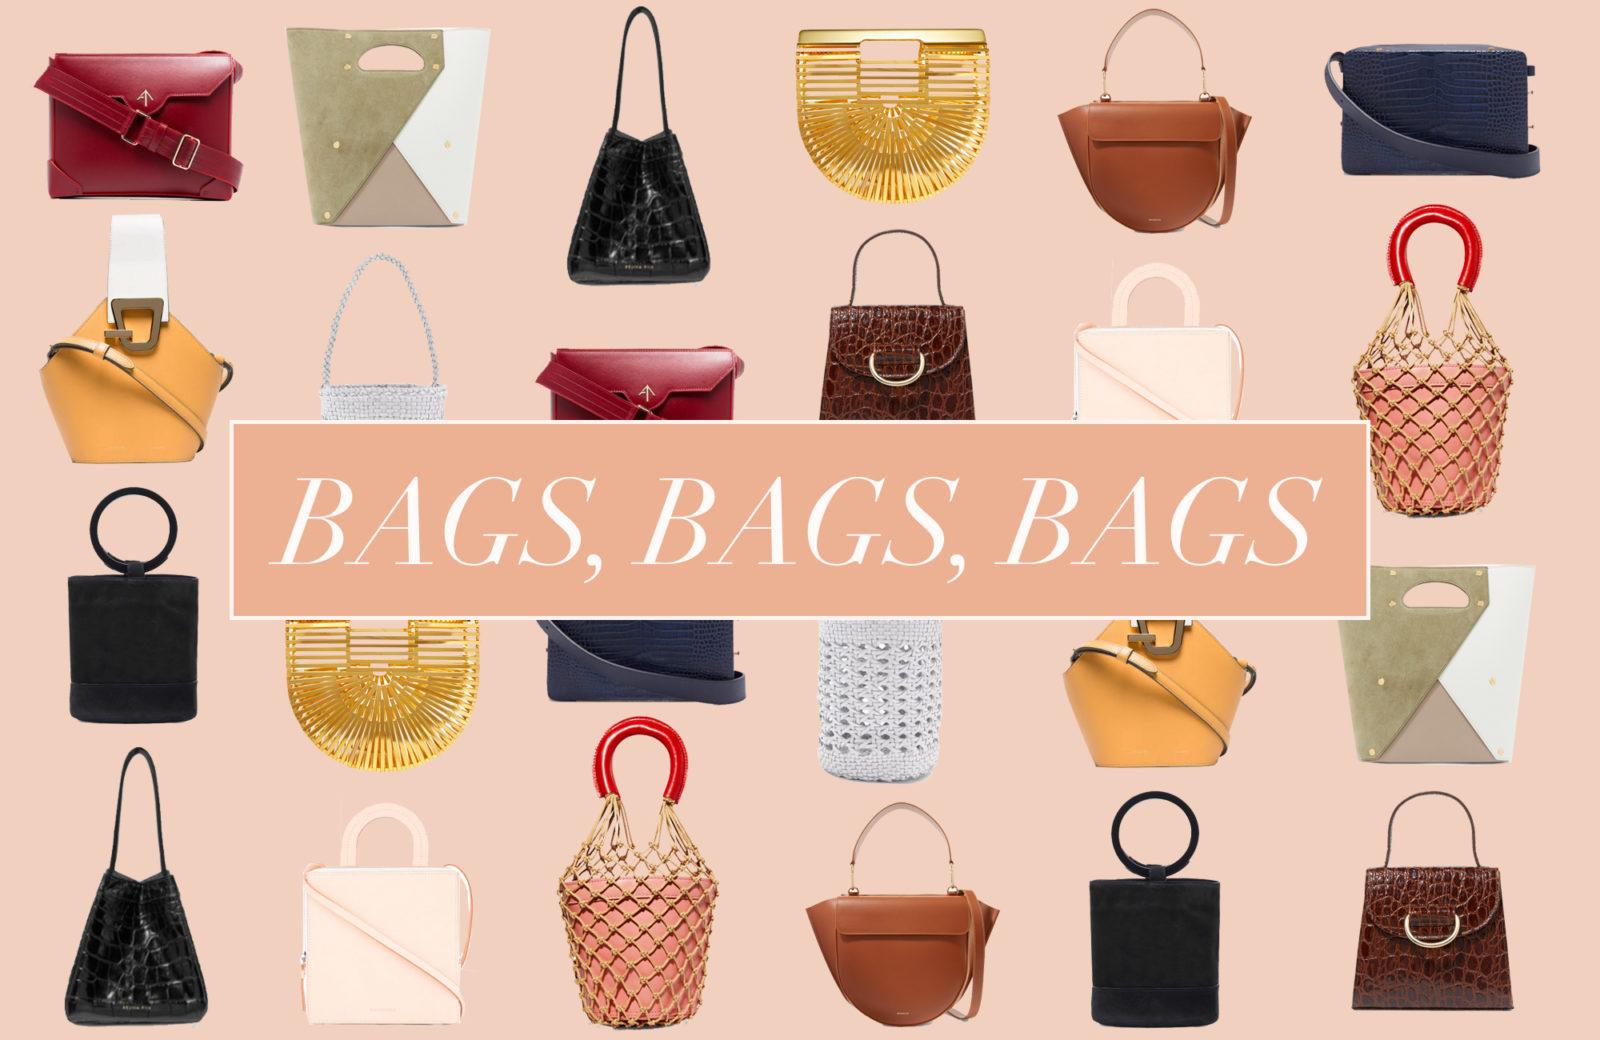 Kolumne: It Bags! Warum wir auf teure Luxushandtaschen